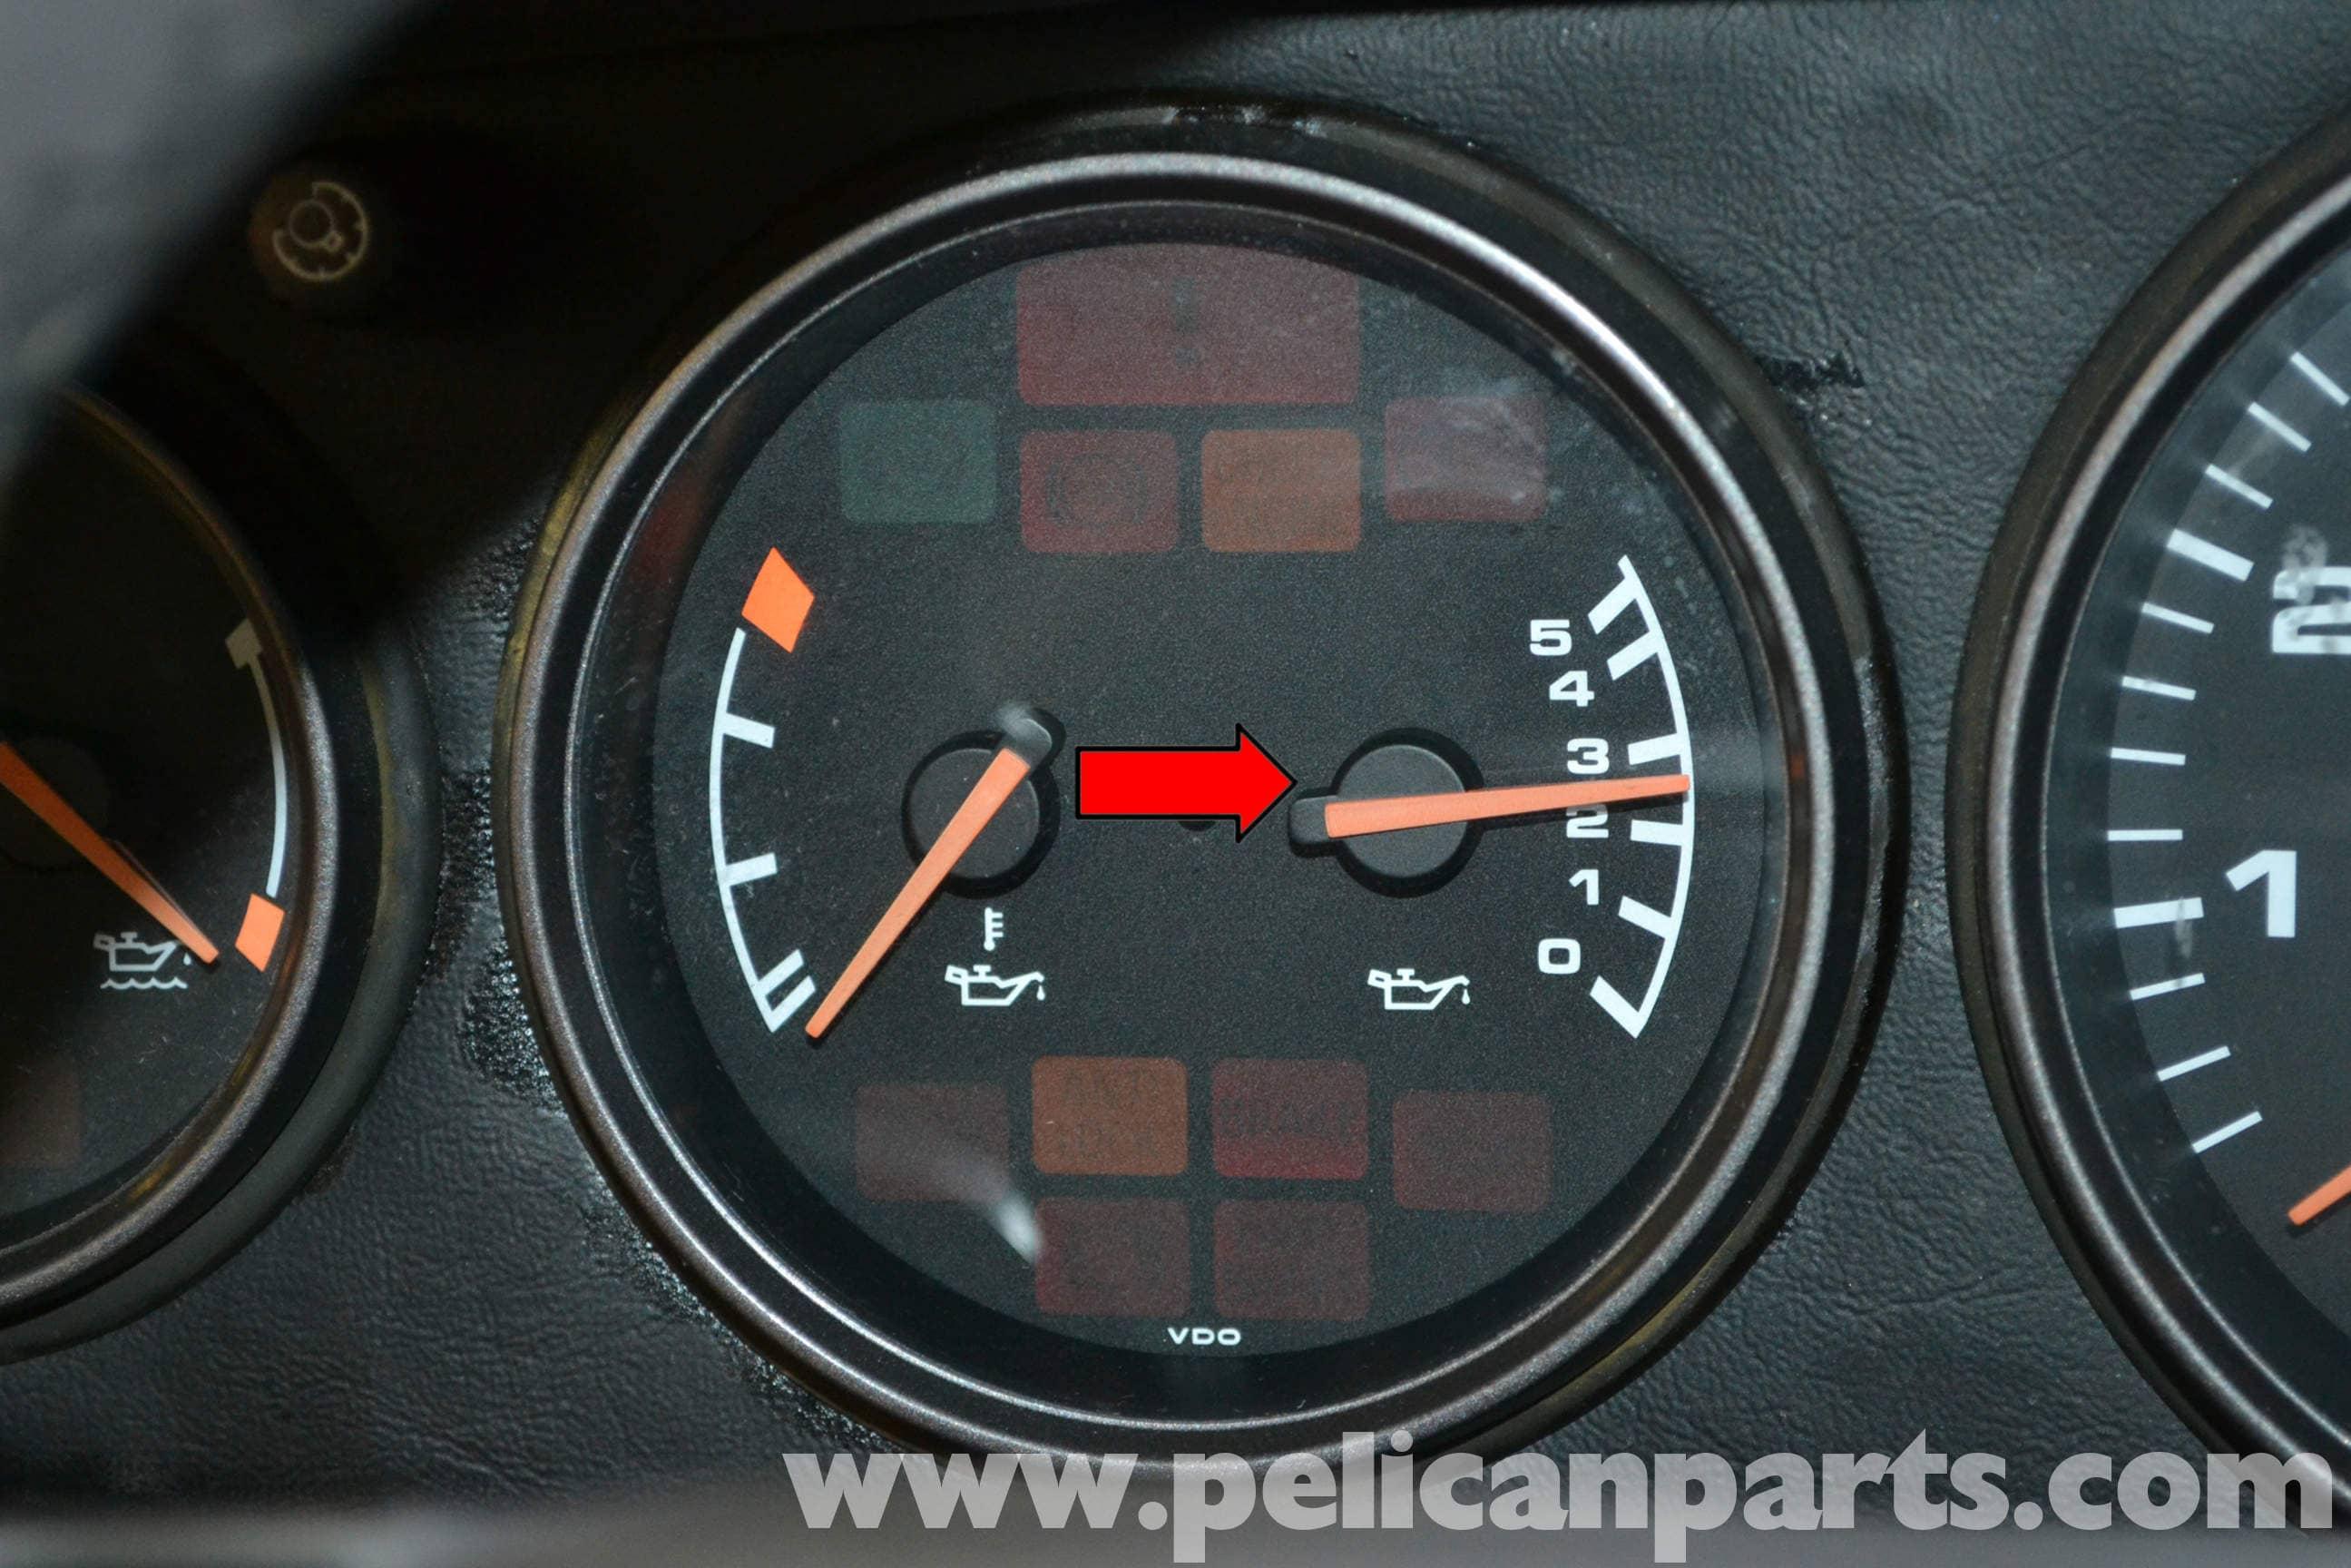 Pelican Technical Article Porsche 993 Understanding Your Oil Varioram Engine Diagram Large Image